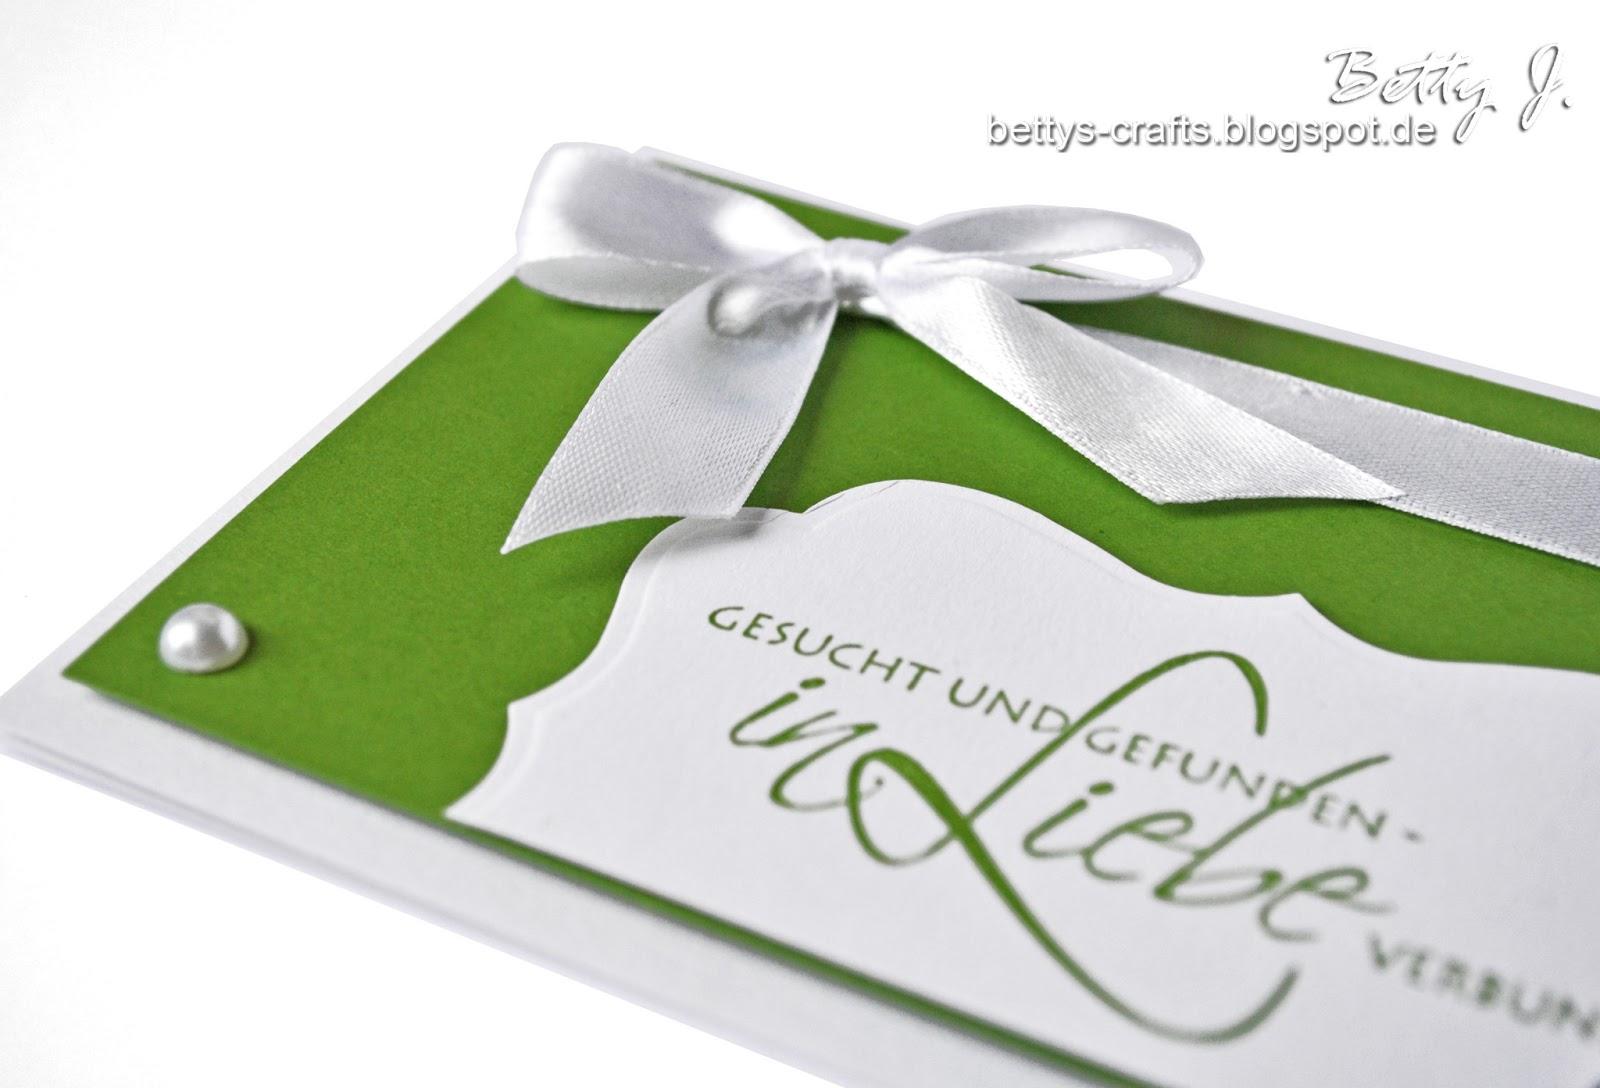 Bettys Crafts Hochzeitseinladung Gesucht Und Gefunden Die Funfte